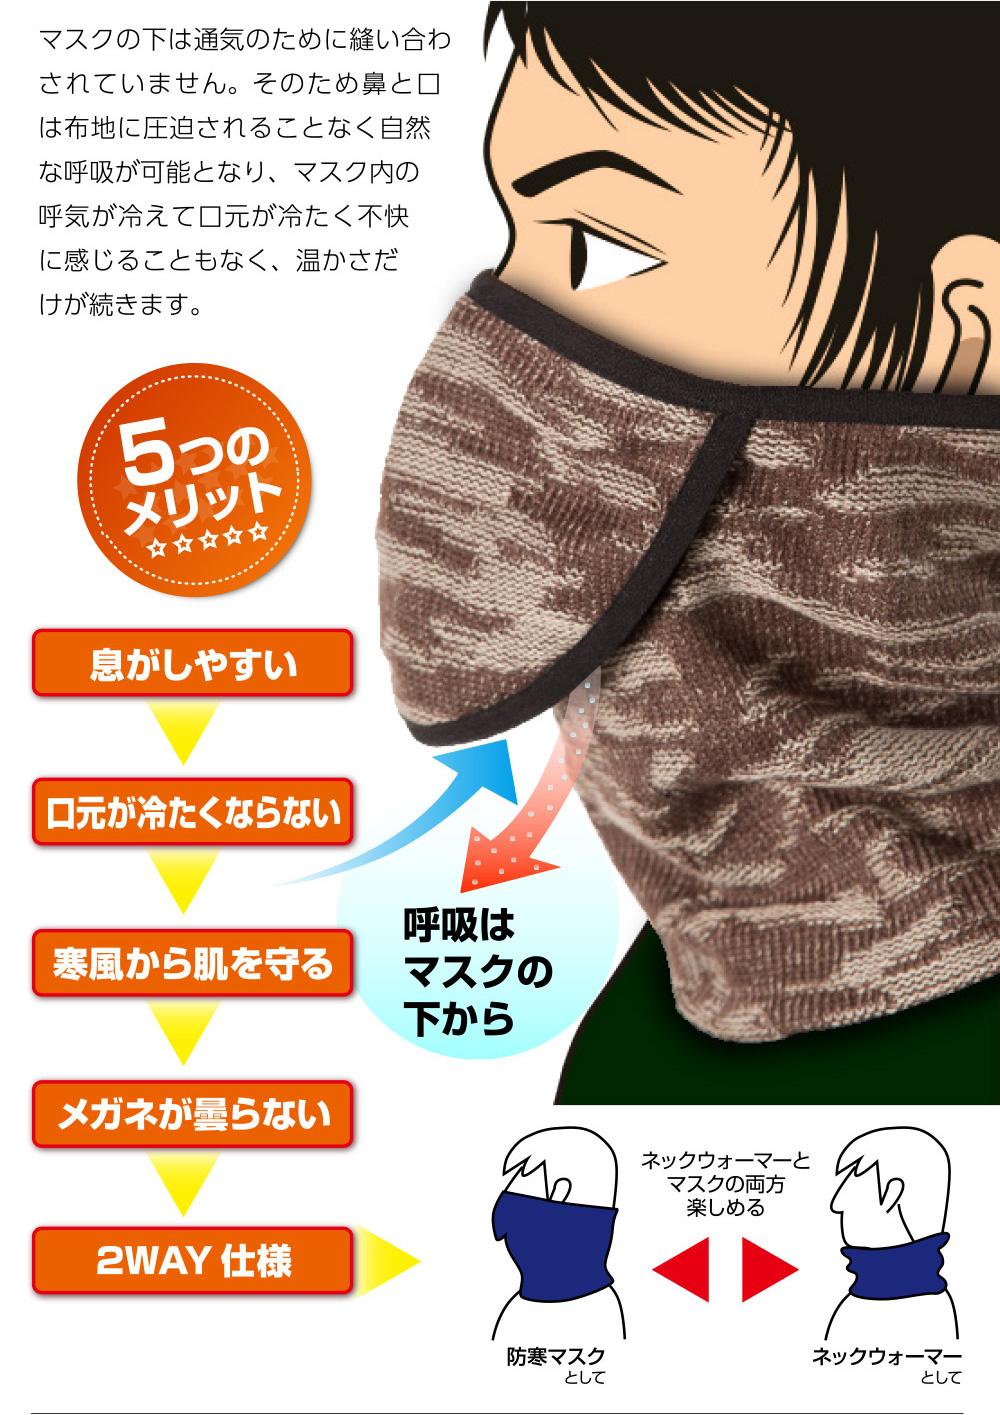 ネックマスク5つのメリット:息がしやすい。口元が冷たくならない。寒風から肌を守る。メガネが曇らない。ネックウォーマーと防寒マスクの2WAY仕様。